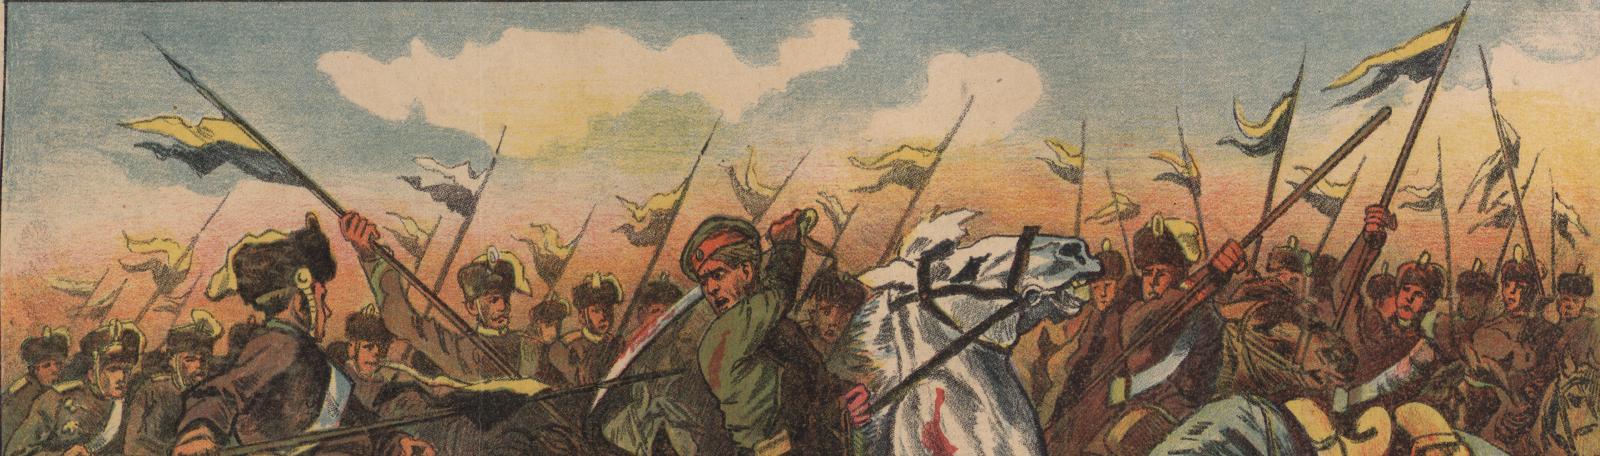 Propaganda in the Russian Revolution